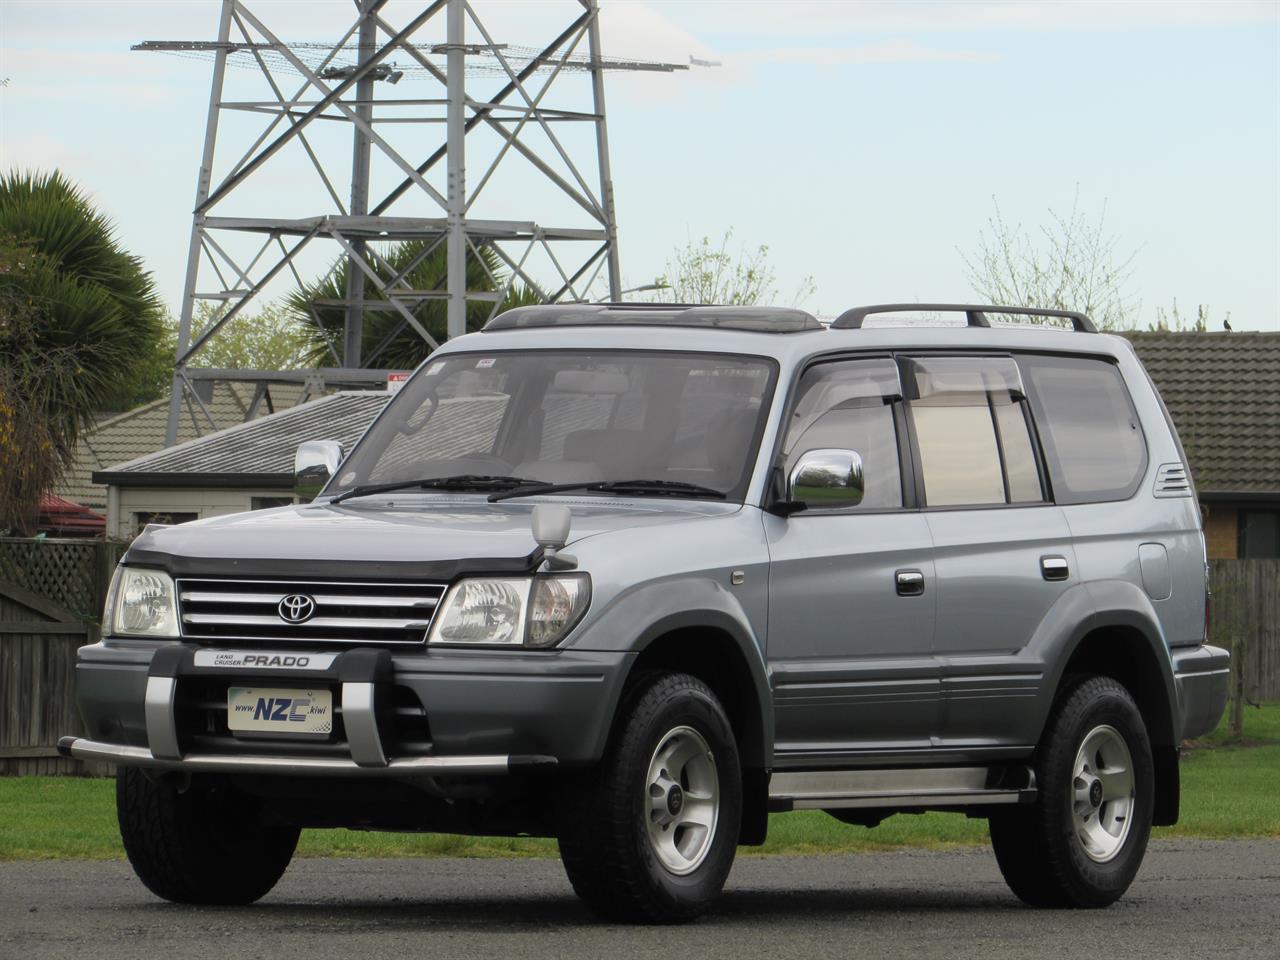 1997 Toyota Land Cruiser Prado only $84 weekly